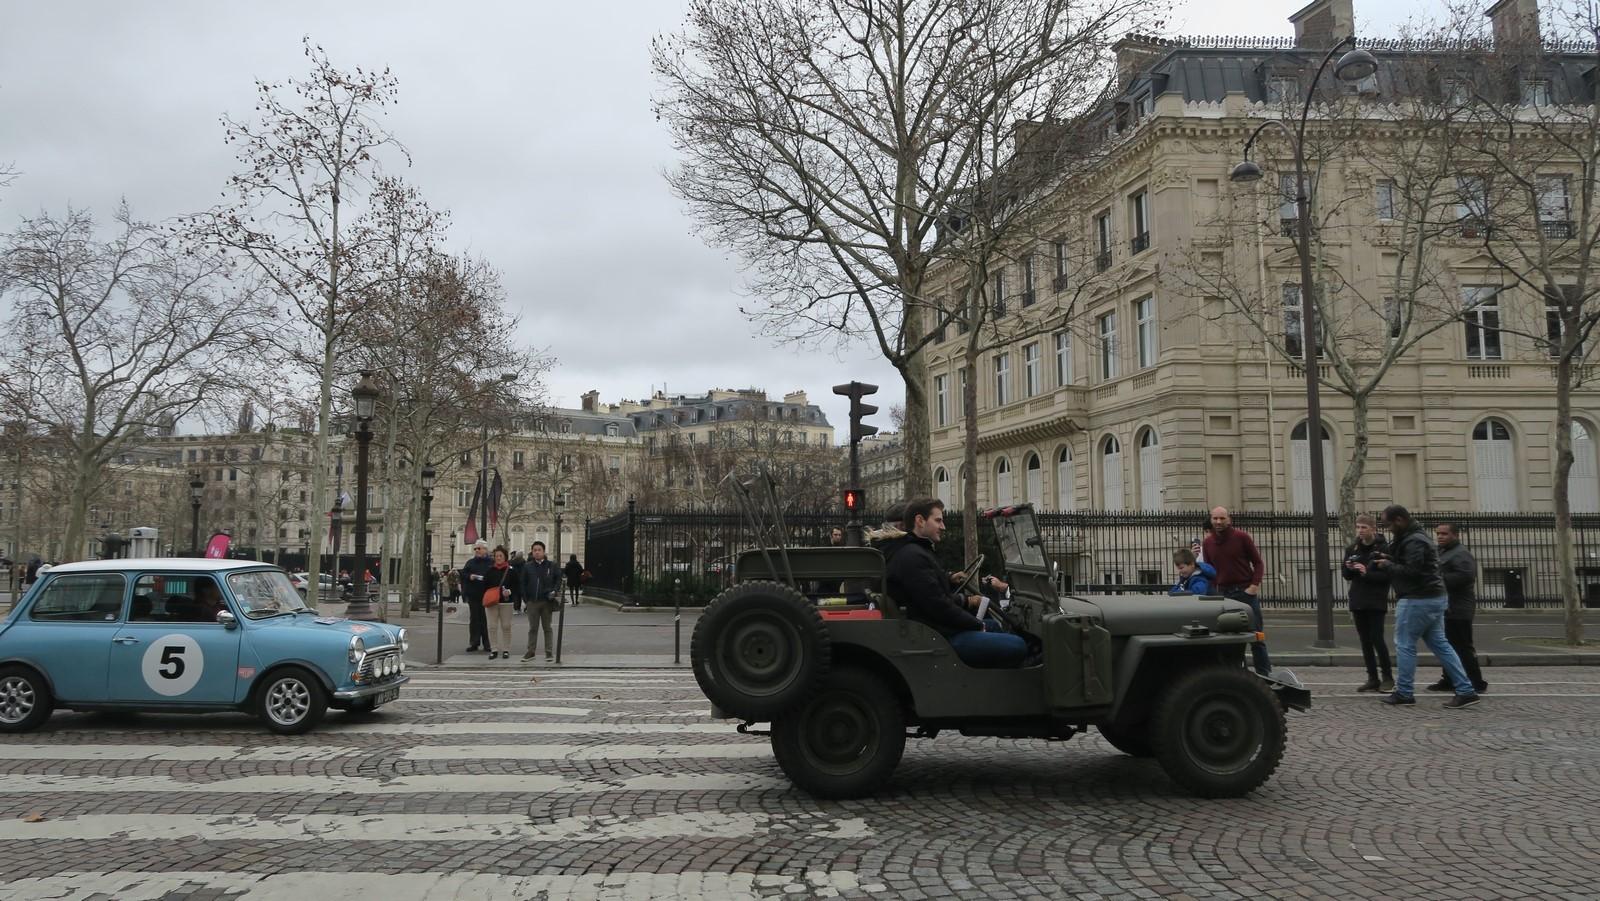 Traversee de Paris hivernale 2019 FM 78